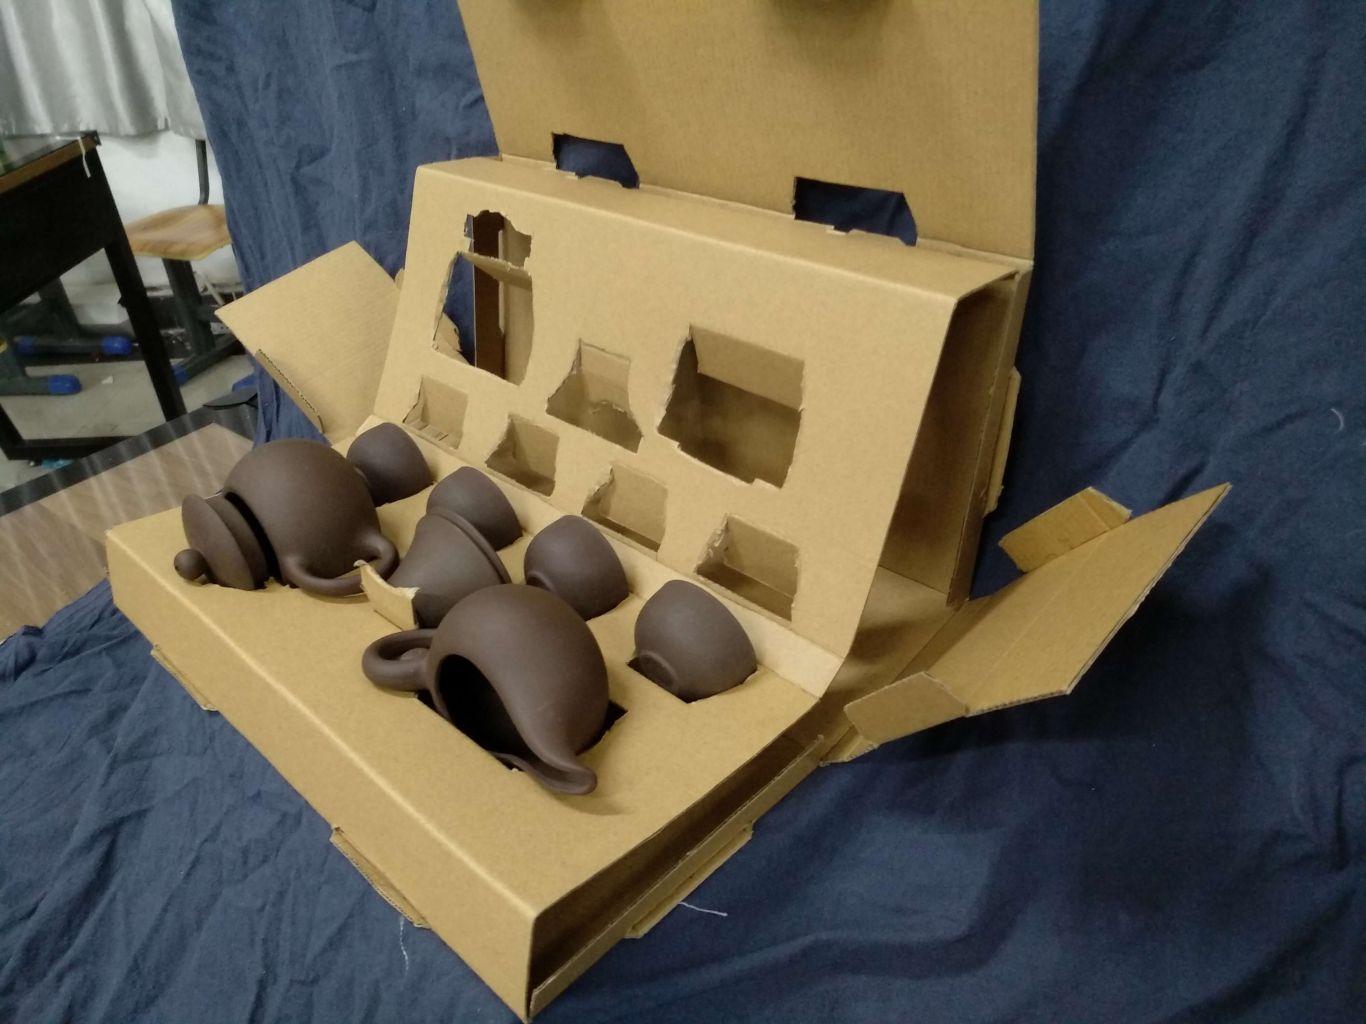 苏麻离青茶具系列包装设计